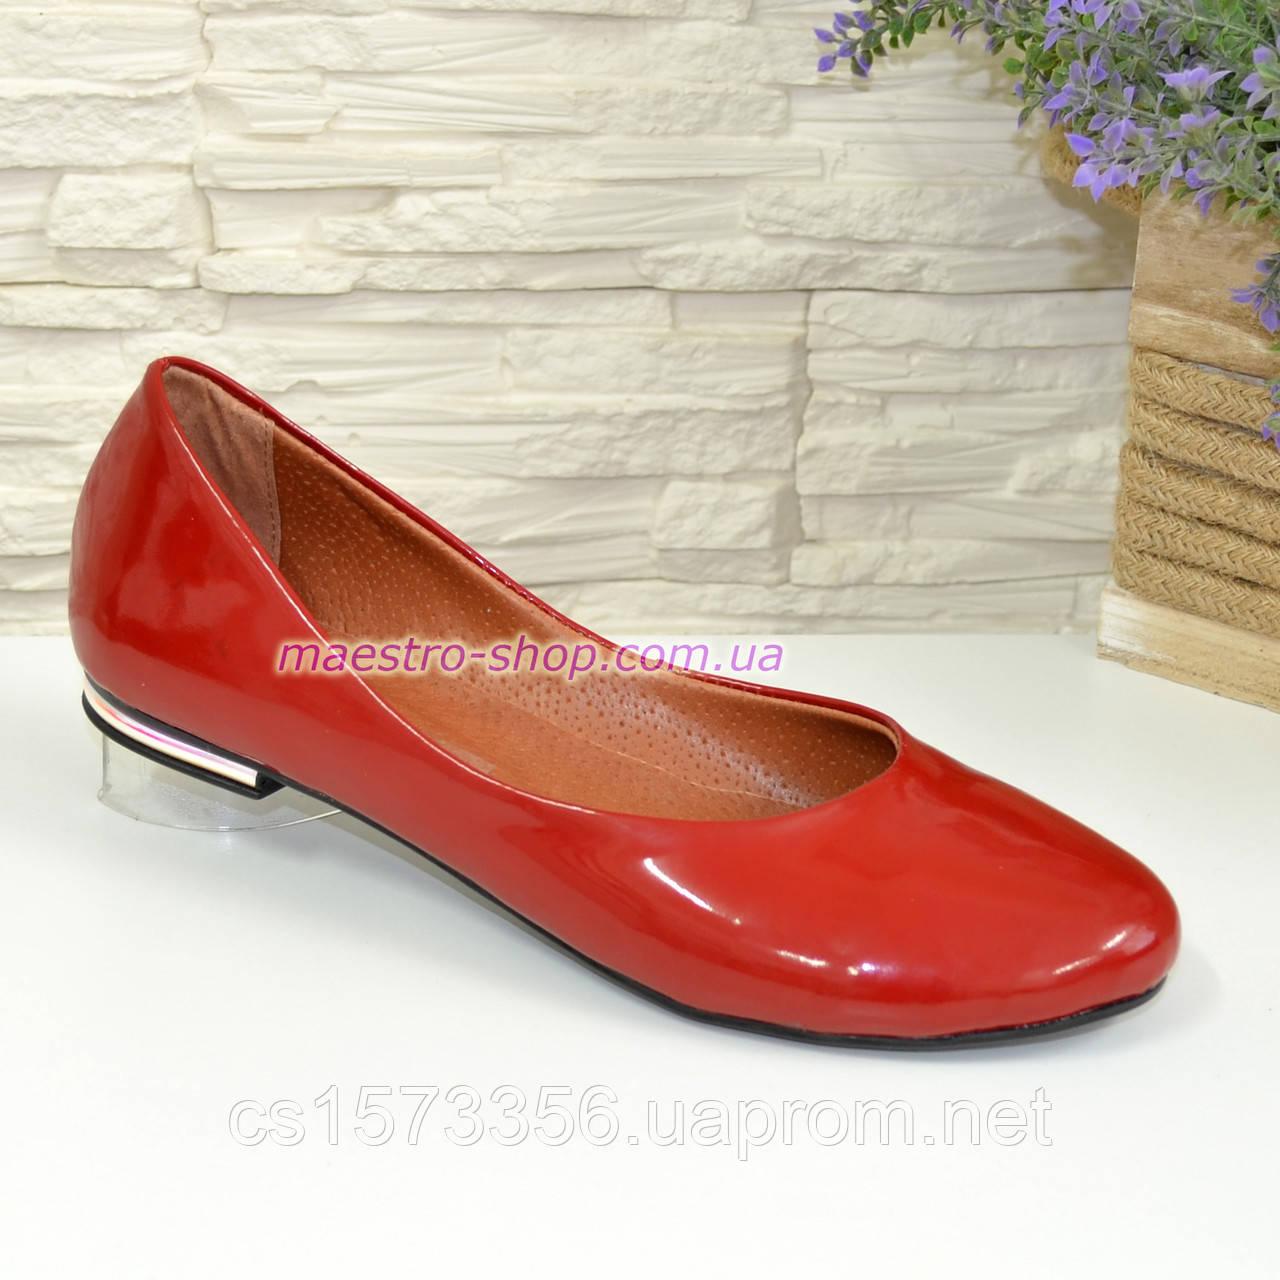 Туфли замшевые красные женские на низкой подошве